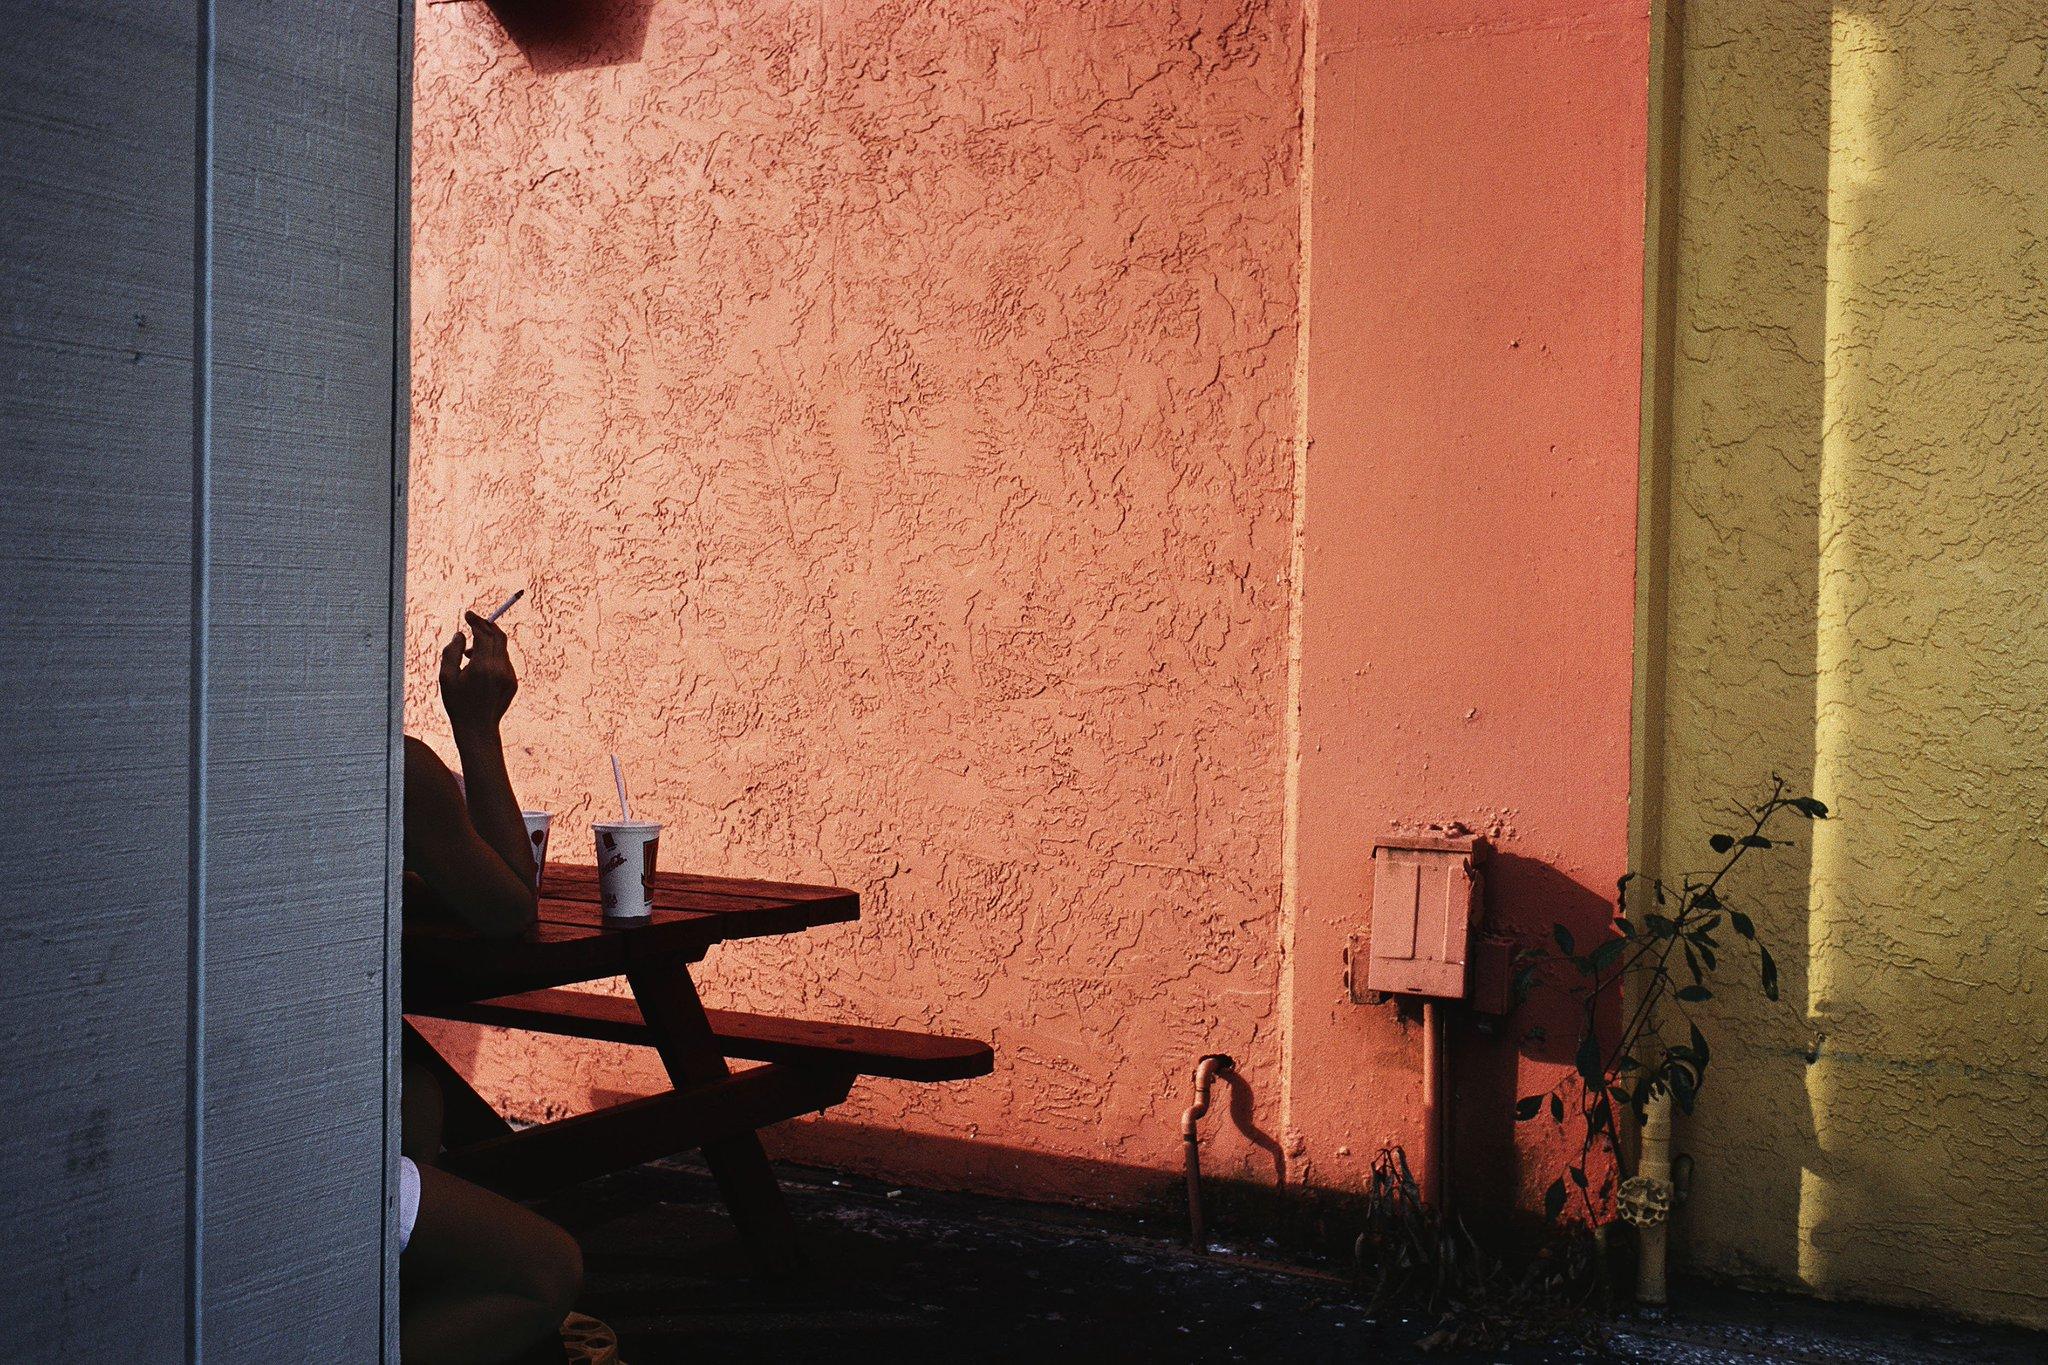 Fort Lauderdale, #Florida. USA. 2000. © #ConstantineManos/ #MagnumPhotos https://t.co/BgcJlI8OzA